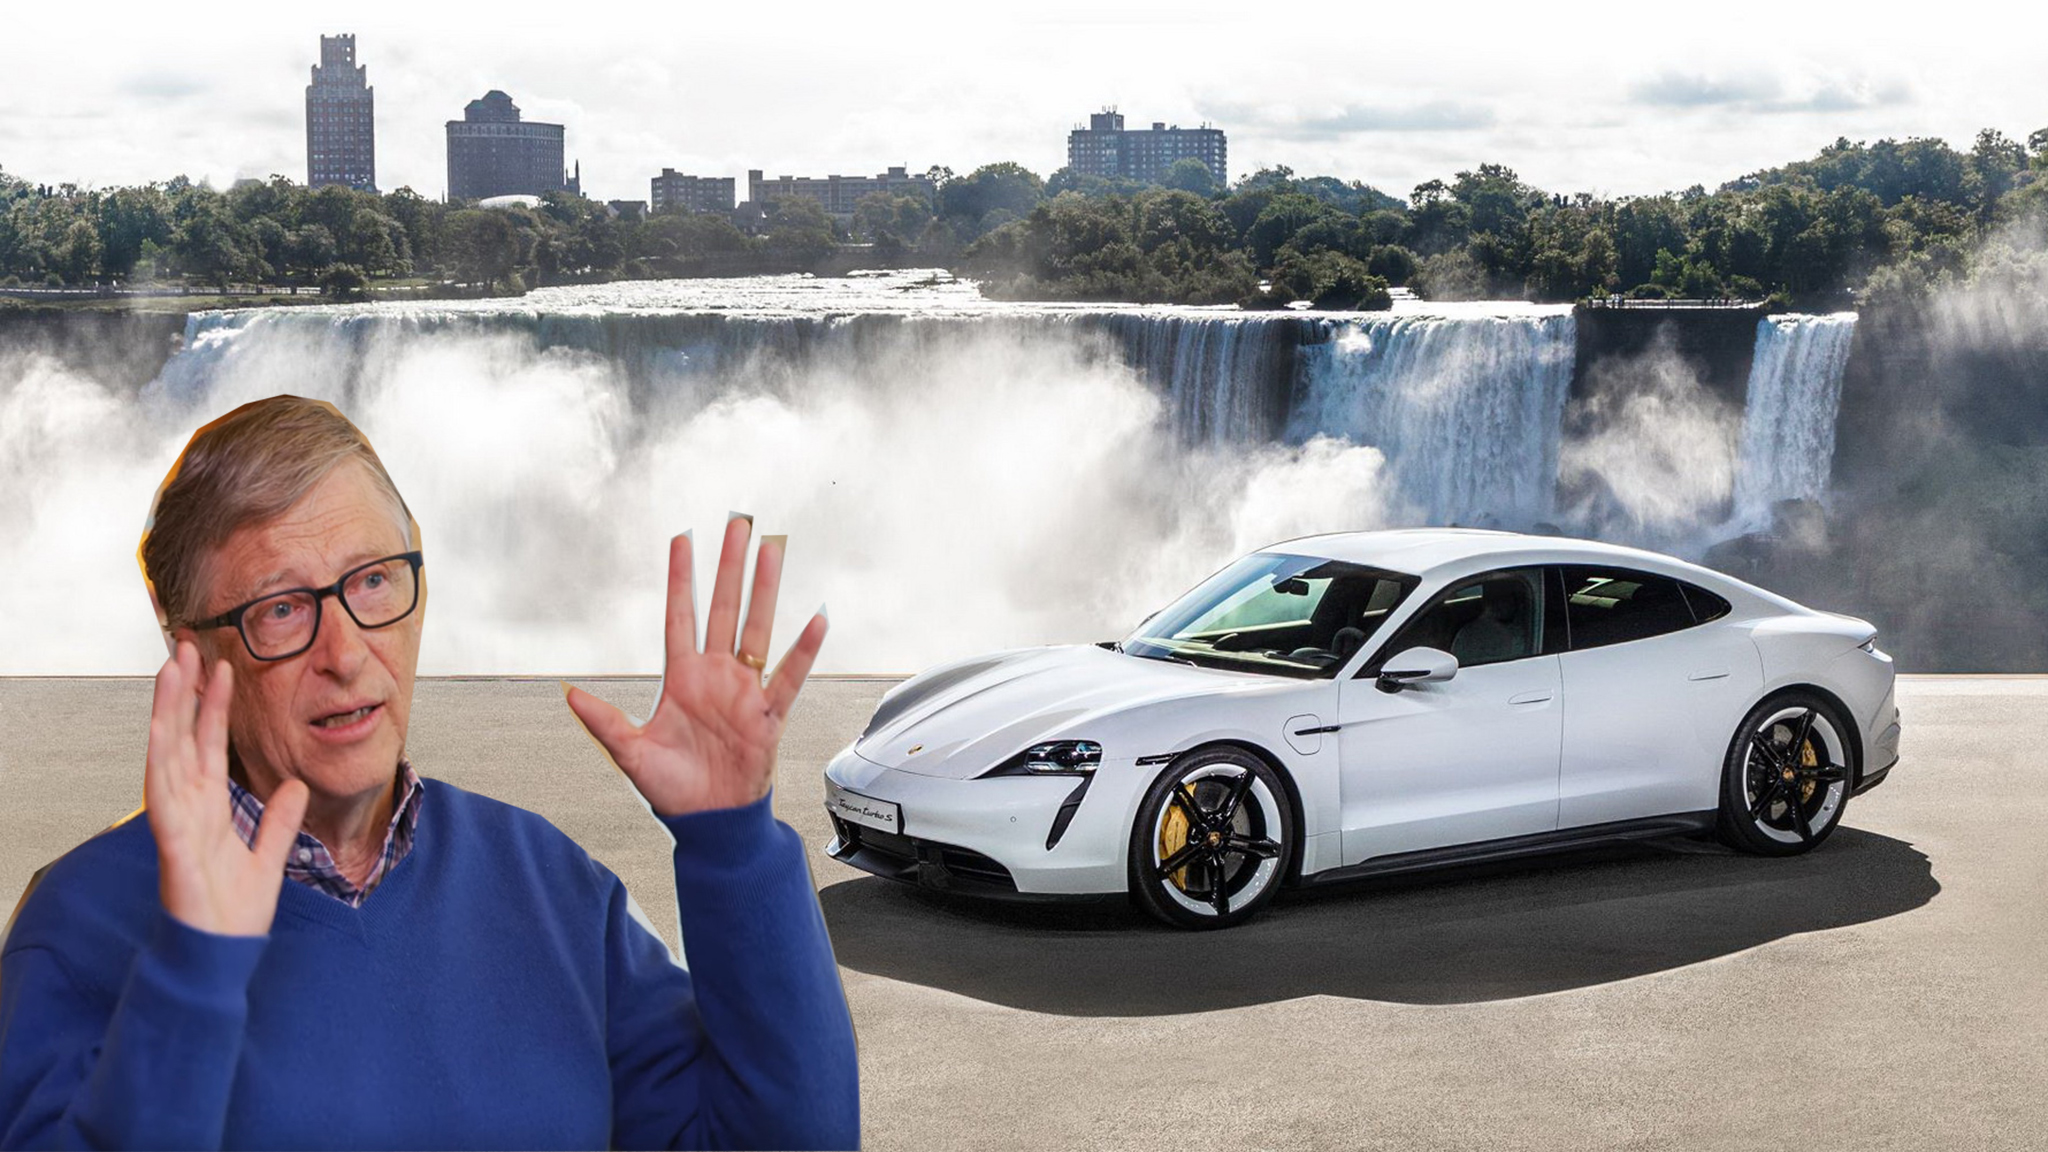 Tỷ phú Bill Gates khen Tesla nhưng mua một chiếc Porsche Taycan